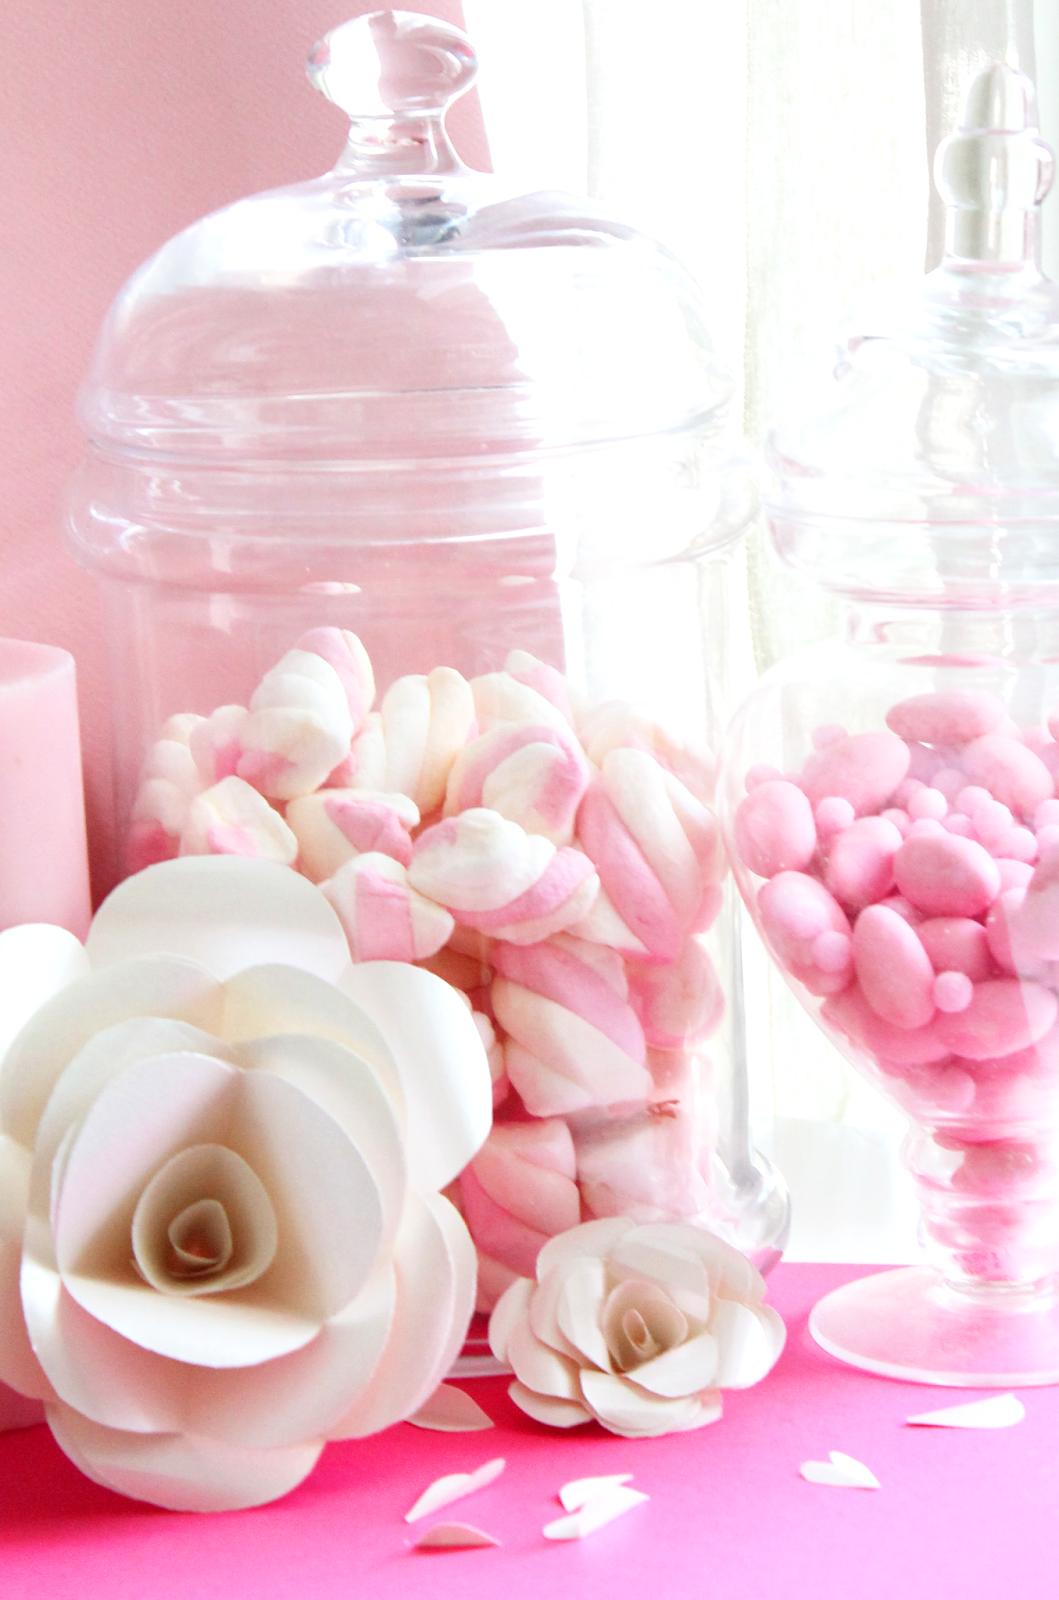 bonbonnières remplies de bonbons avec décor en fleur